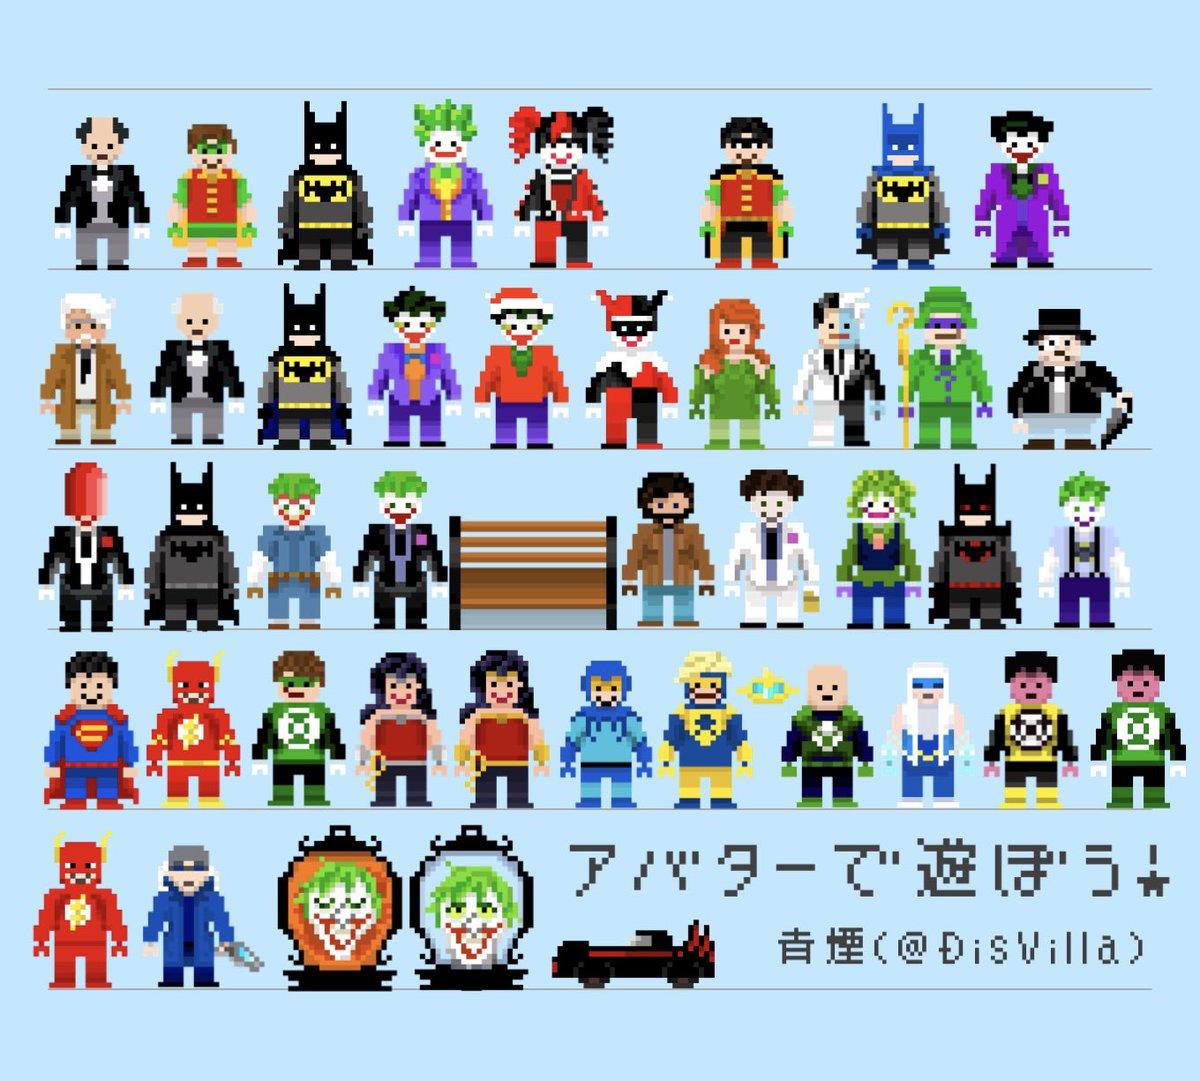 #HUO1 、一般参加もいっぱい楽しみたい!!オフラインのイベントの時にオシャレするように、痛バで推しを主張するように、お祭り気分で楽しみたい!!そんなわけでバットマン、ジョーカー、スーパーマン他、遊べるアバターいっぱい作ったから使って!!